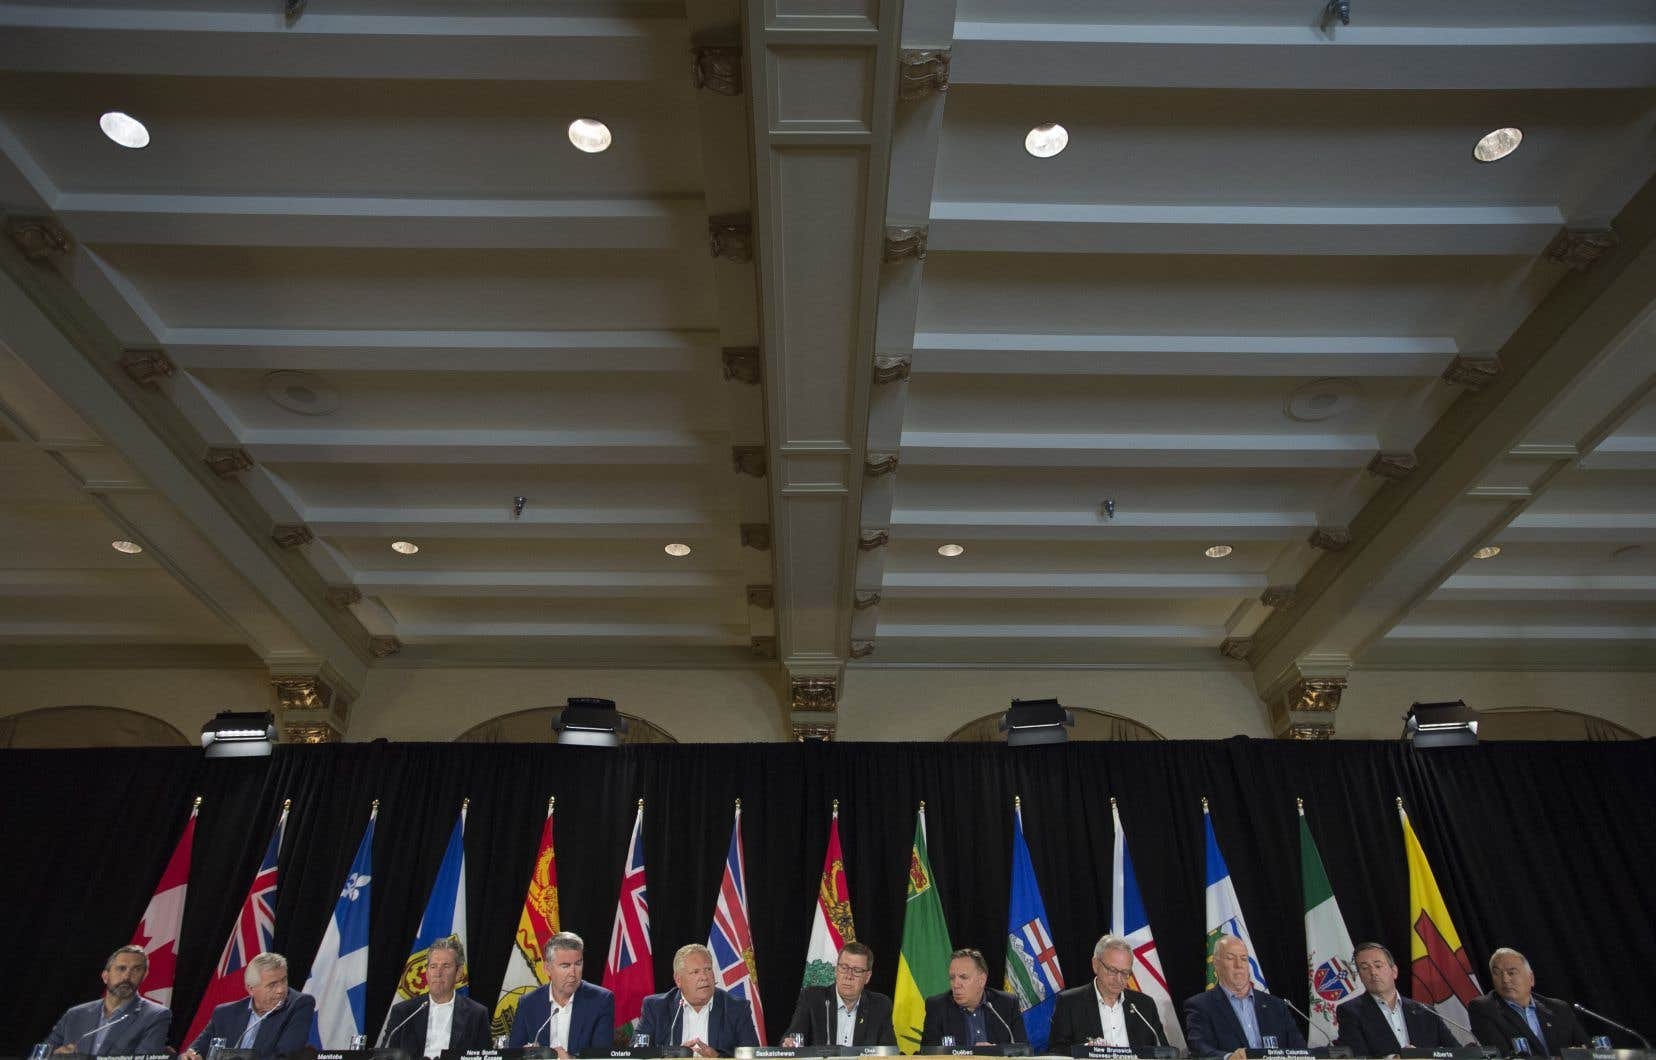 La dernière recnontre des premiers ministres provinciaux a eu lieu en juillet dernier (sur la photo).